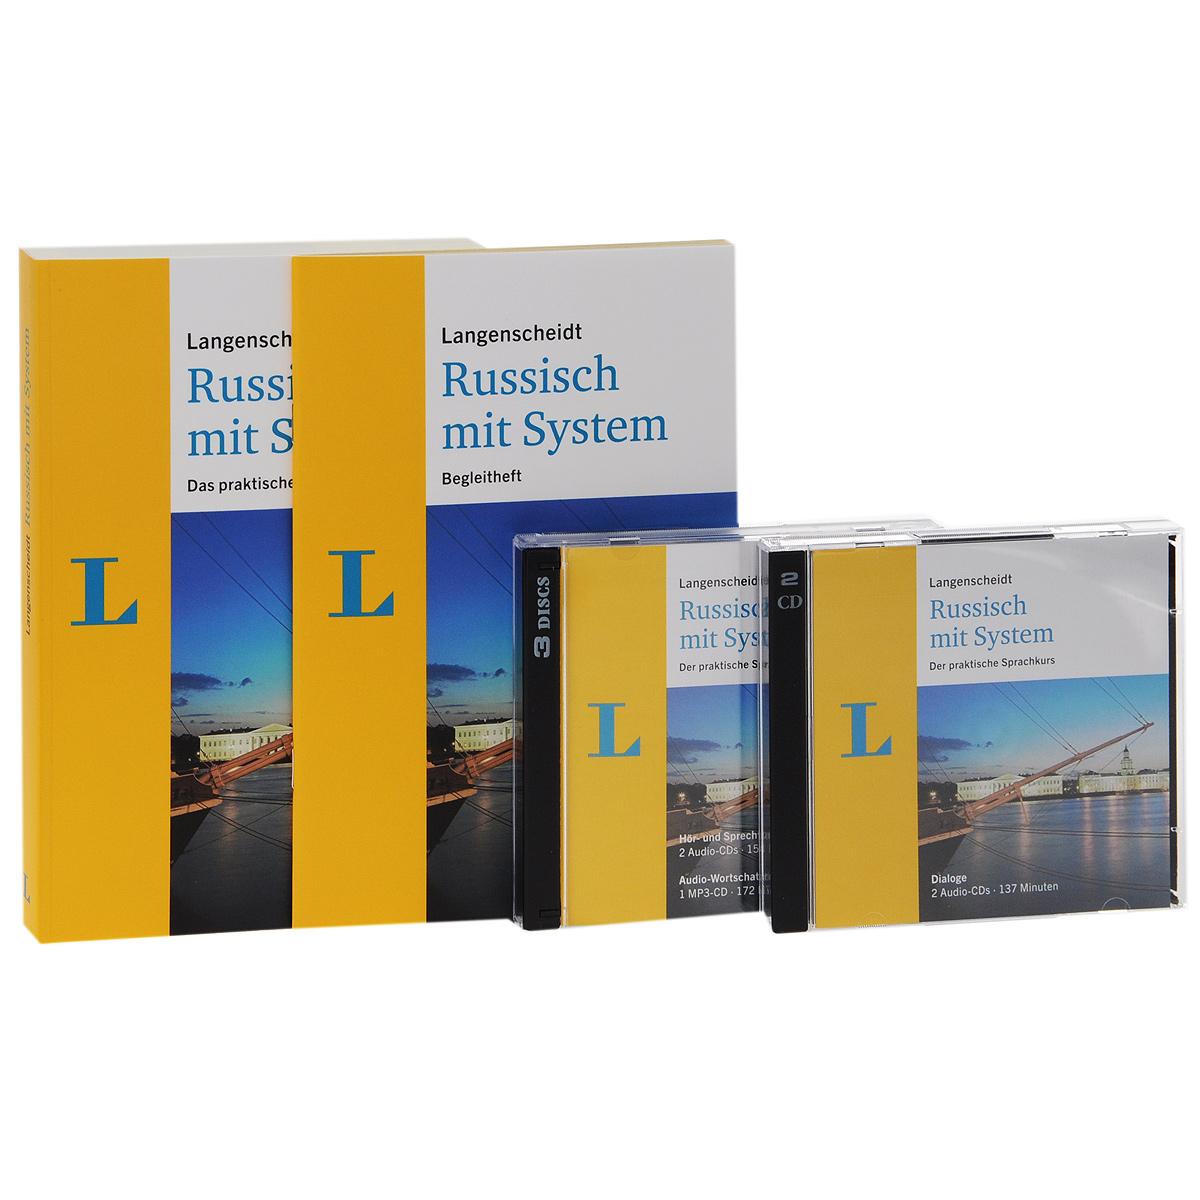 Langenscheidt: Russisch mit System: Der praktische Sprachkurs (комплект из 2 книг + 5 CD)